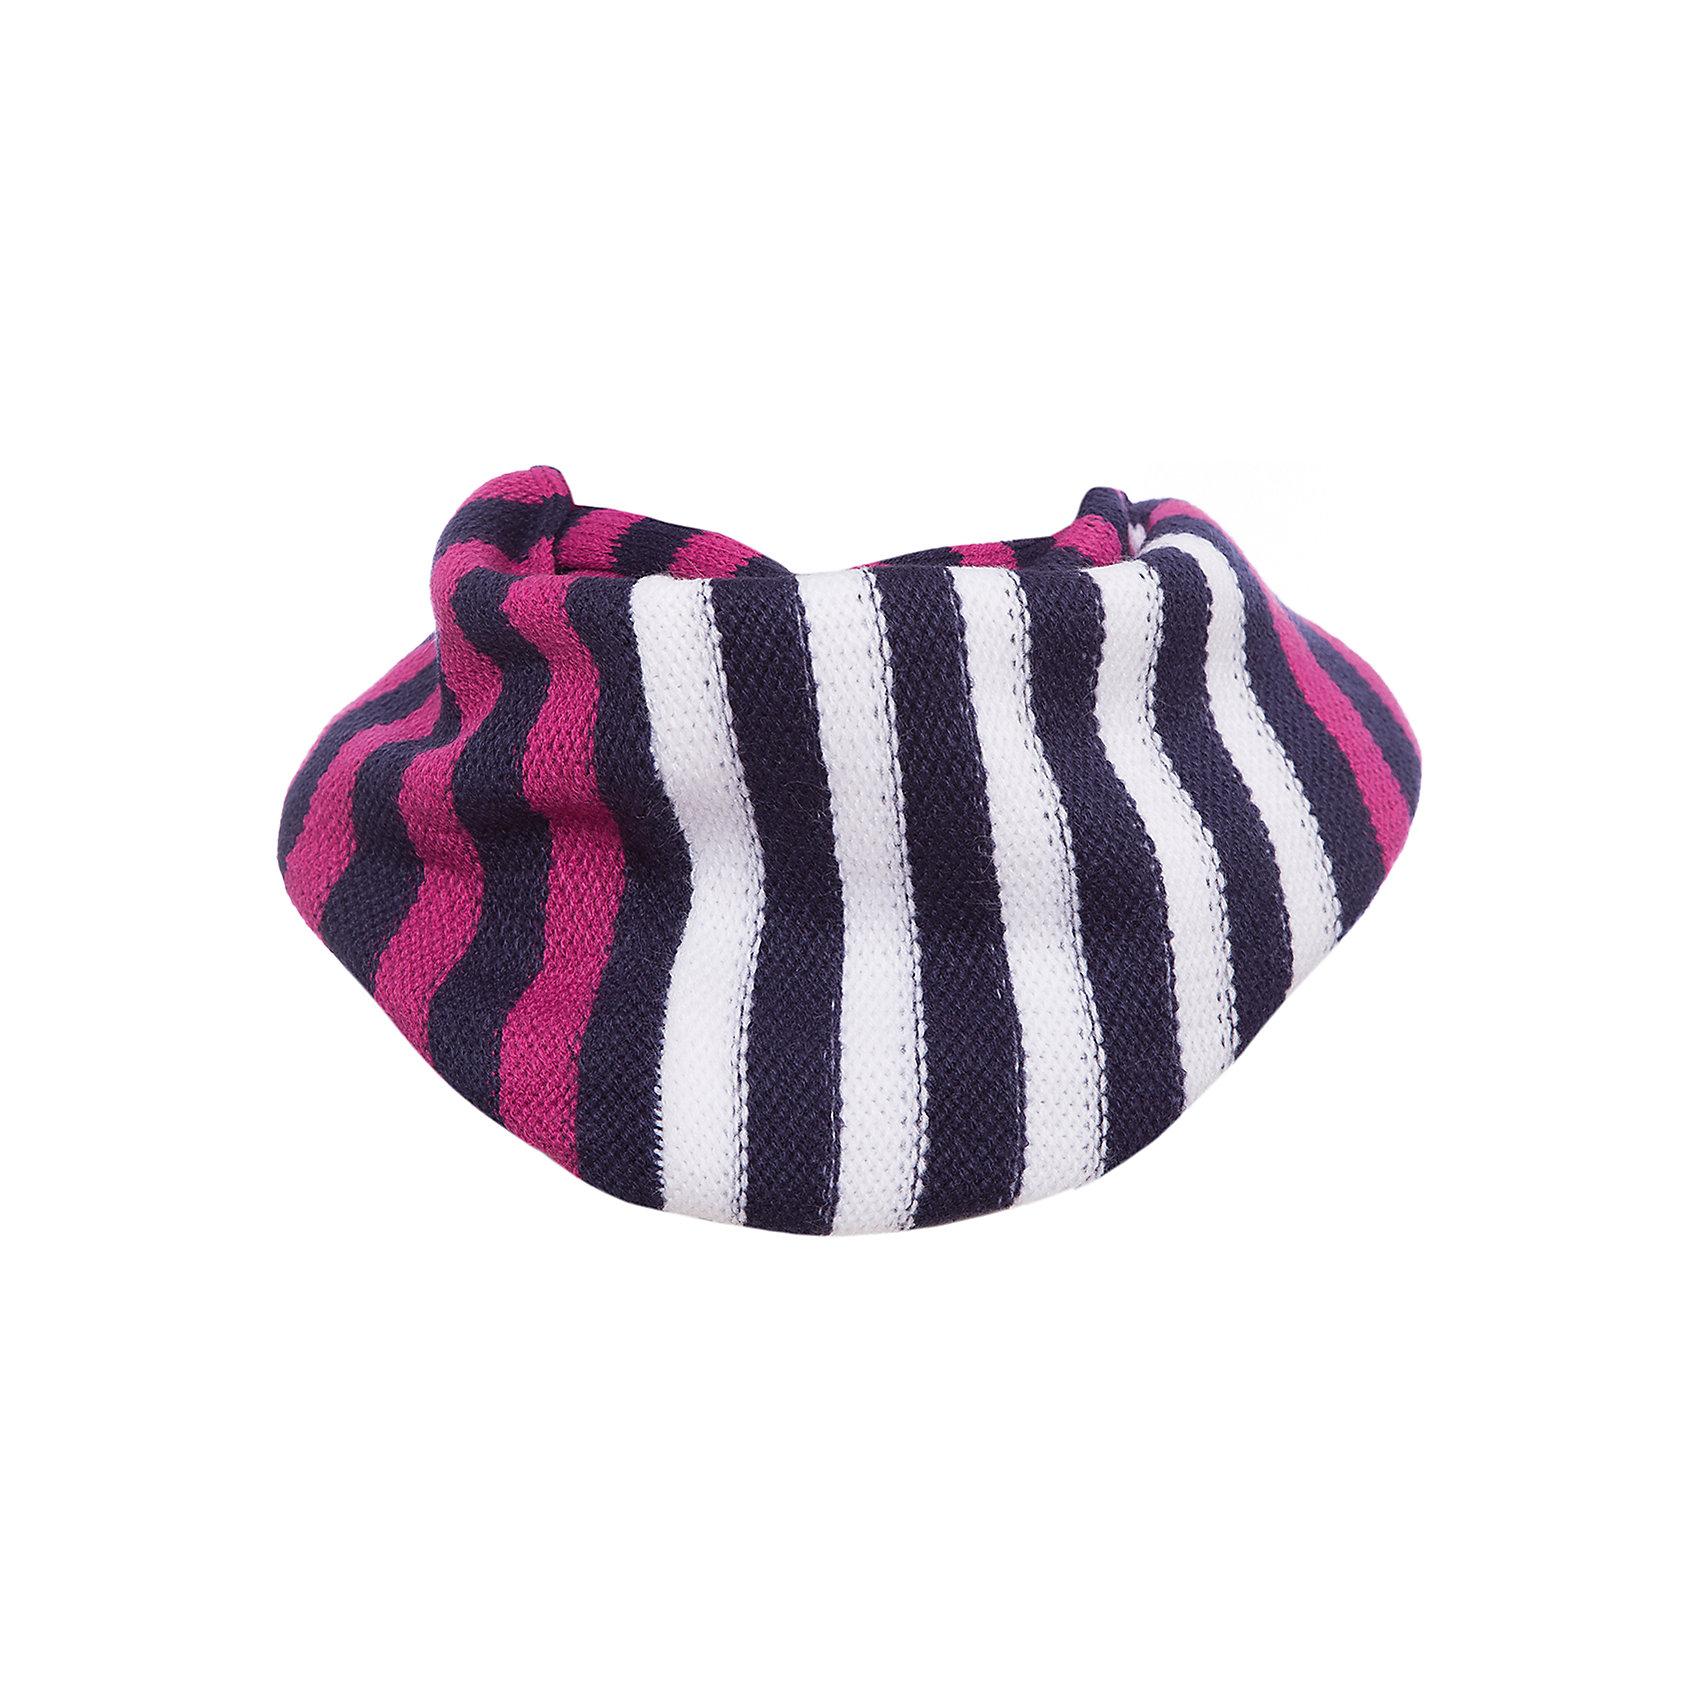 Шарф PlayToday для девочкиШарфы, платки<br>Шарф PlayToday для девочки<br>Вязаный шарф выполнен по технологии yarn dyed - в процессе производства используются разного цвета нити. Изделие, при рекомендуемом уходе, не линяет и надолго остается в первоначальном виде.<br>Состав:<br>100% акрил<br><br>Ширина мм: 88<br>Глубина мм: 155<br>Высота мм: 26<br>Вес г: 106<br>Цвет: белый<br>Возраст от месяцев: 36<br>Возраст до месяцев: 96<br>Пол: Женский<br>Возраст: Детский<br>Размер: one size<br>SKU: 7115950